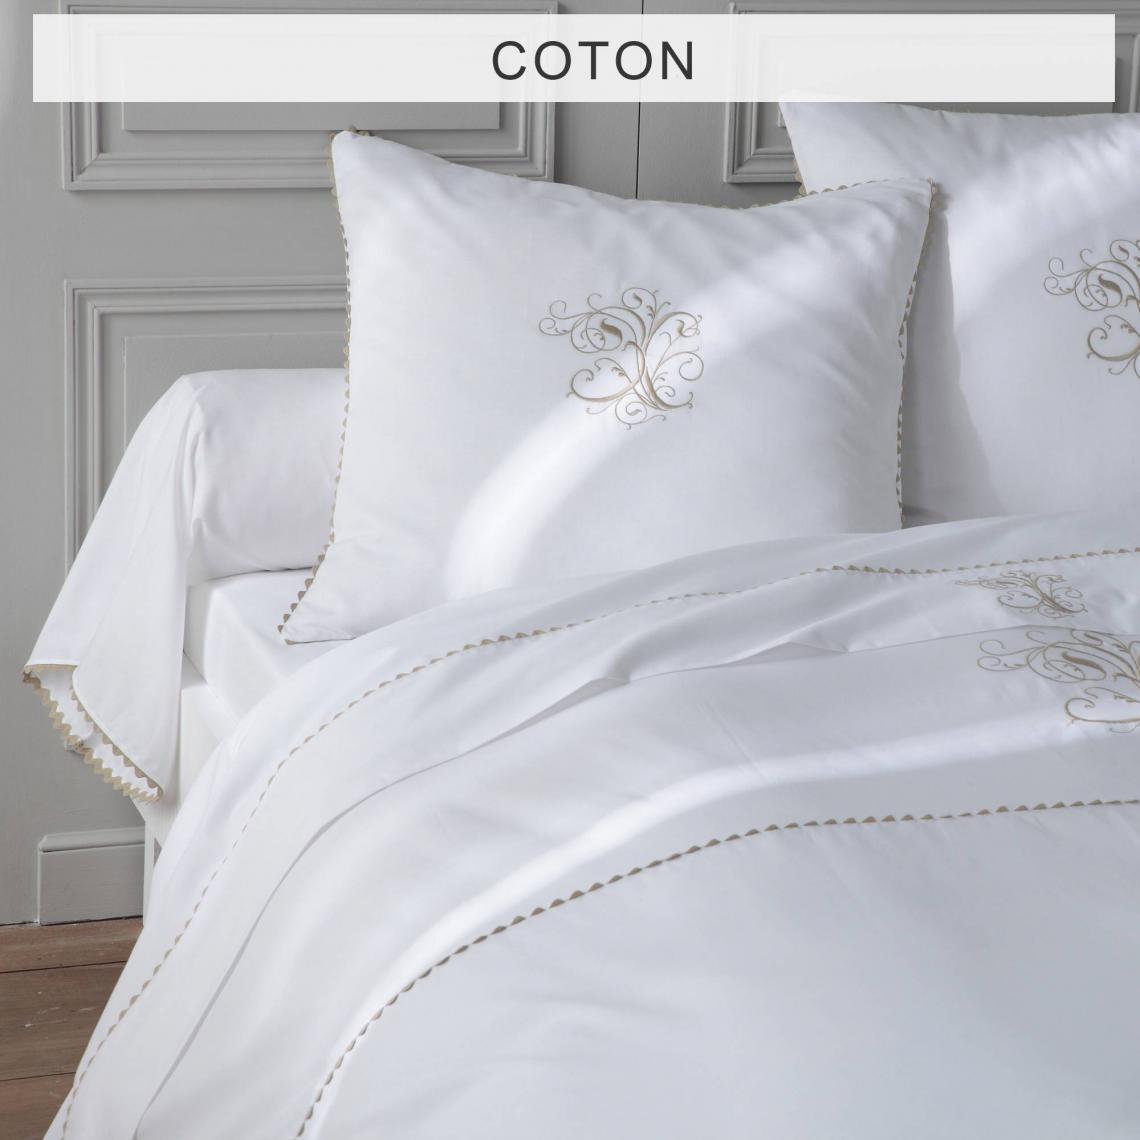 housse de couette pur coton ma bouchara collection blanc. Black Bedroom Furniture Sets. Home Design Ideas